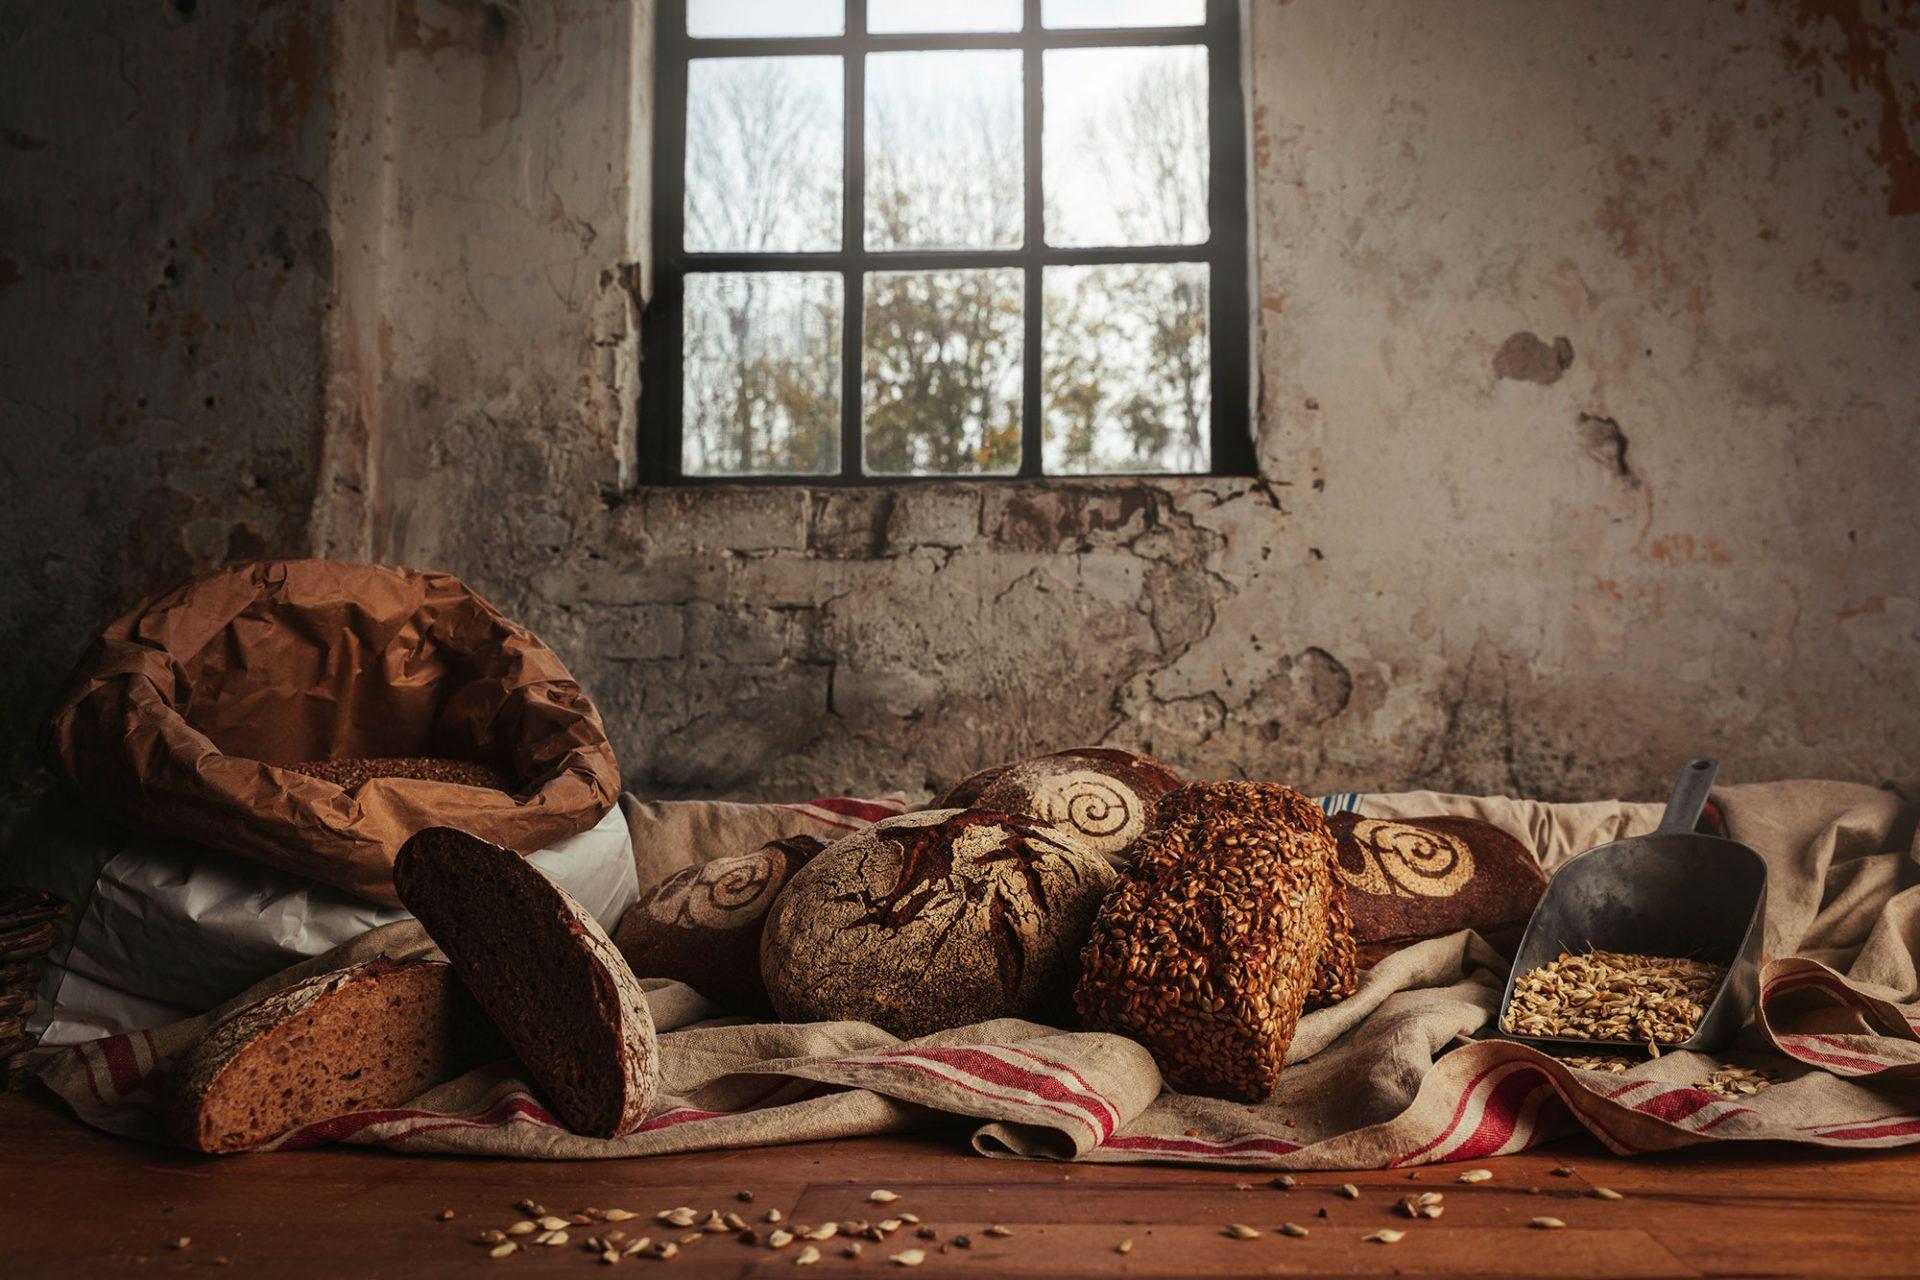 Foto's van brood van emmertarwe van De Veldkeuken, gemaakt door René van der Veer en andere bakkers - Foto door Bibi Veth